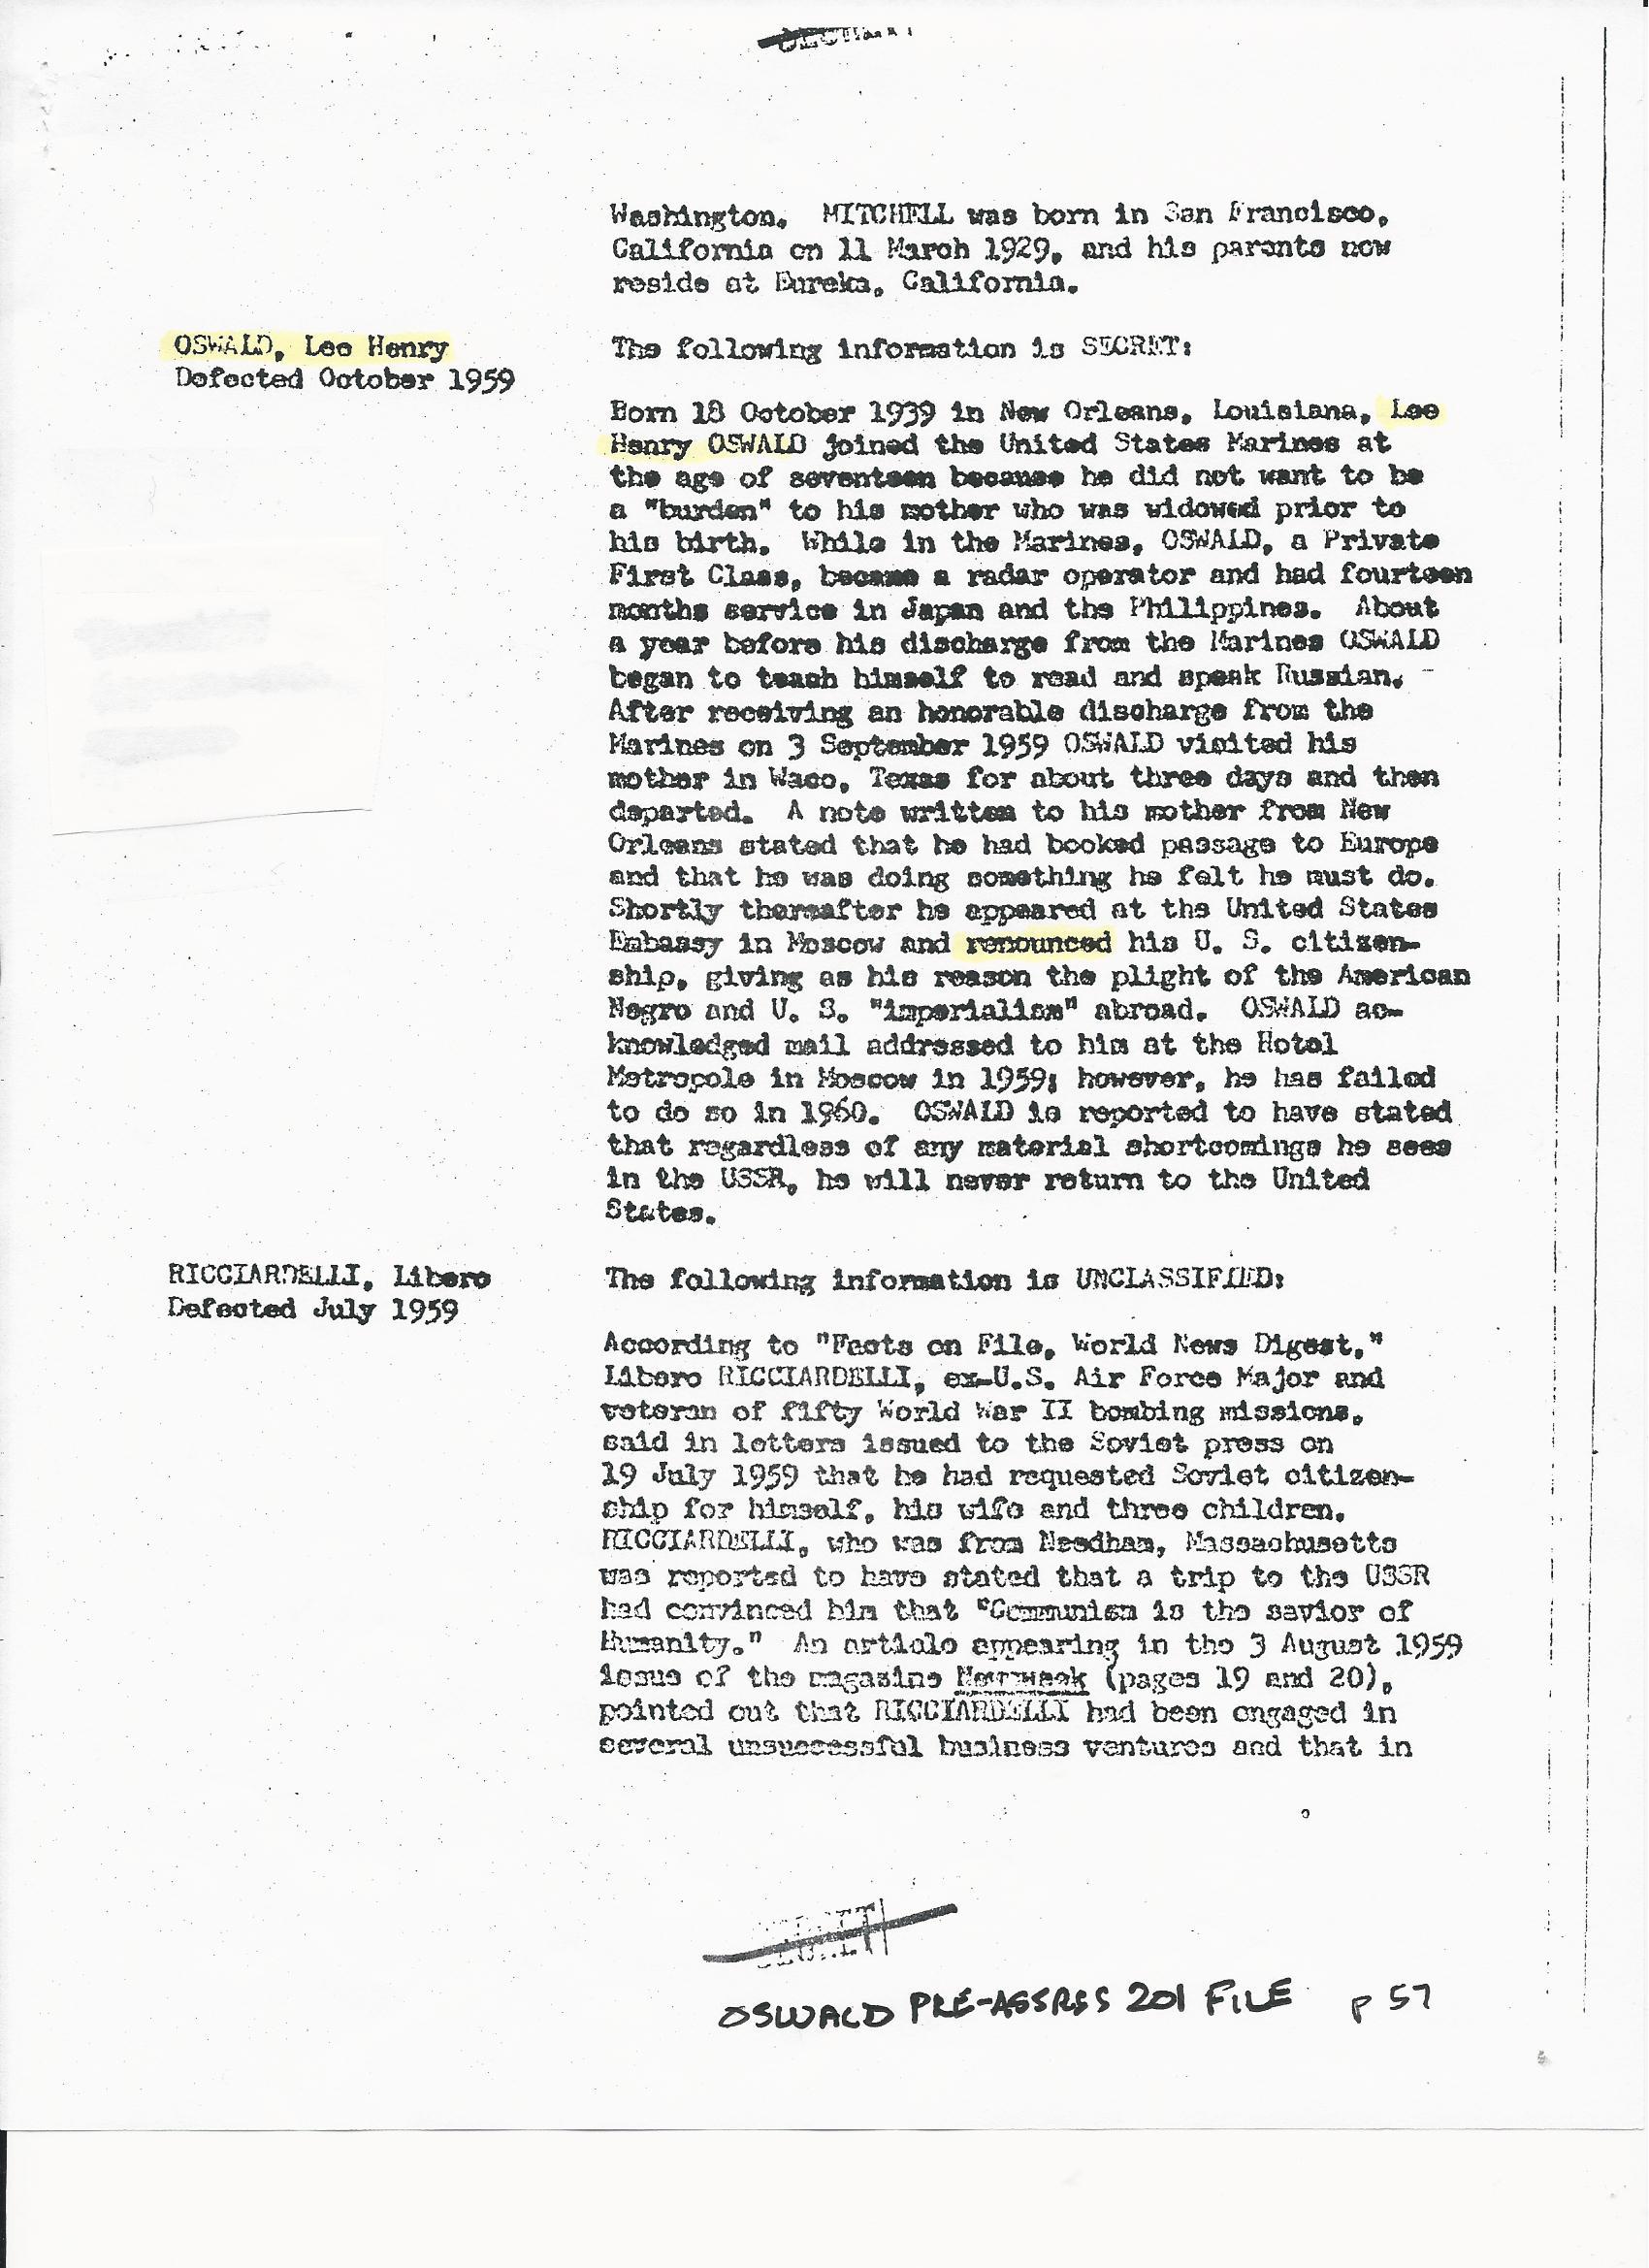 EGERTERBIOONLEEHENRYOSWALD Egerter's Lee Henry Oswald Bio